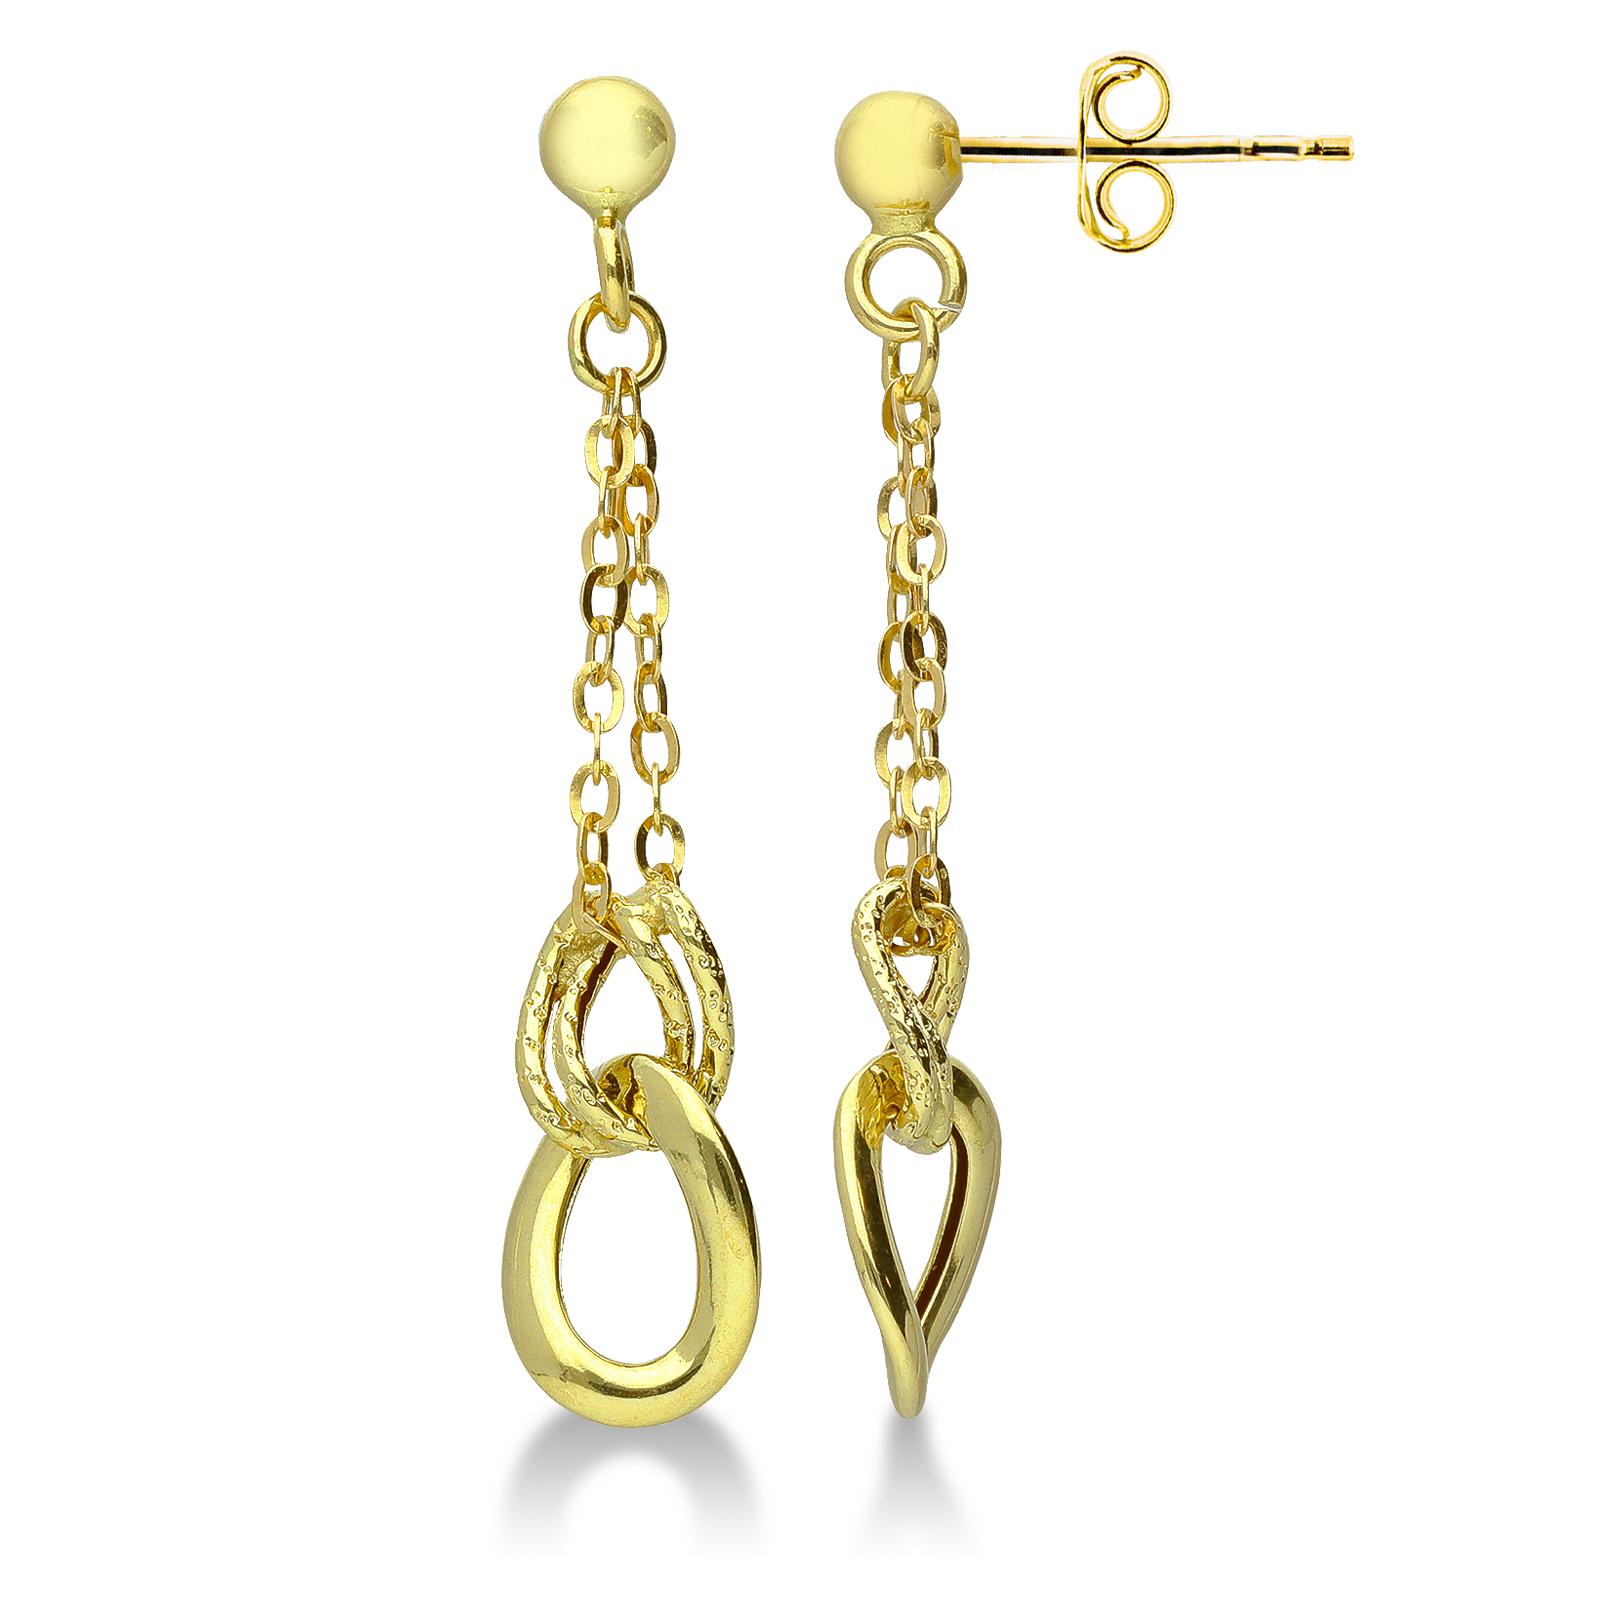 Earrings 18k Gold with Pendants